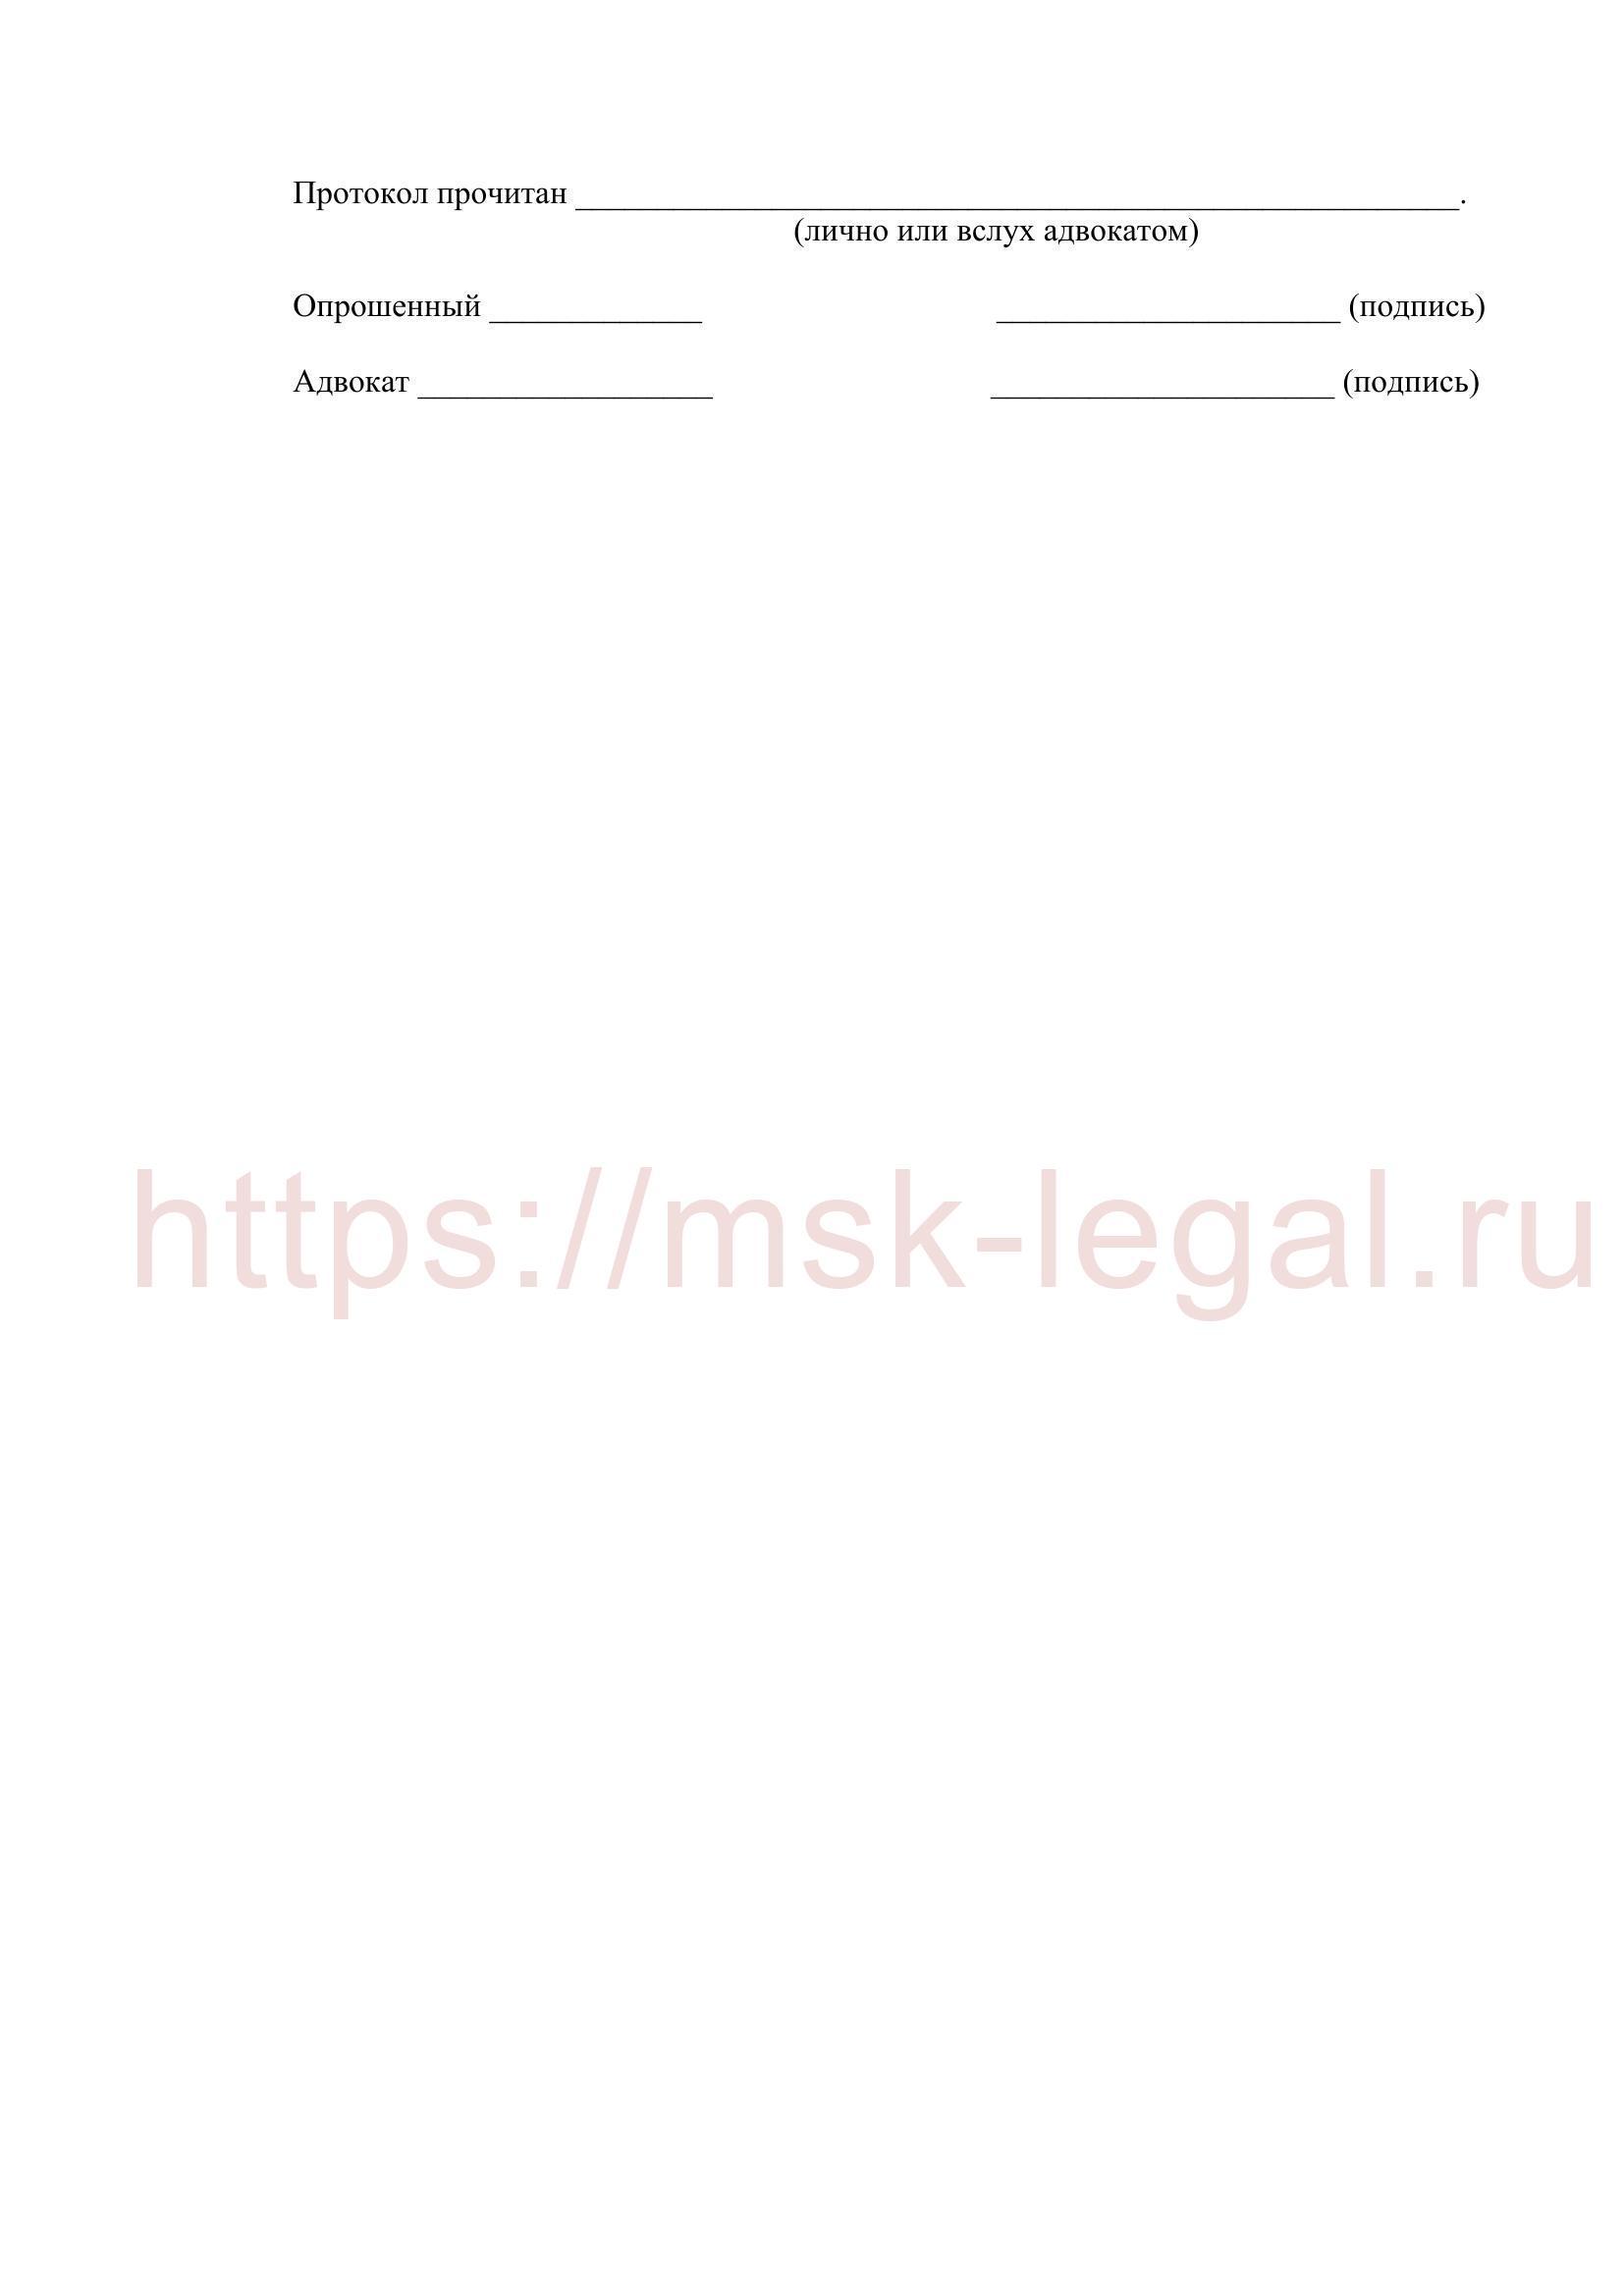 Протокол адвокатского опроса